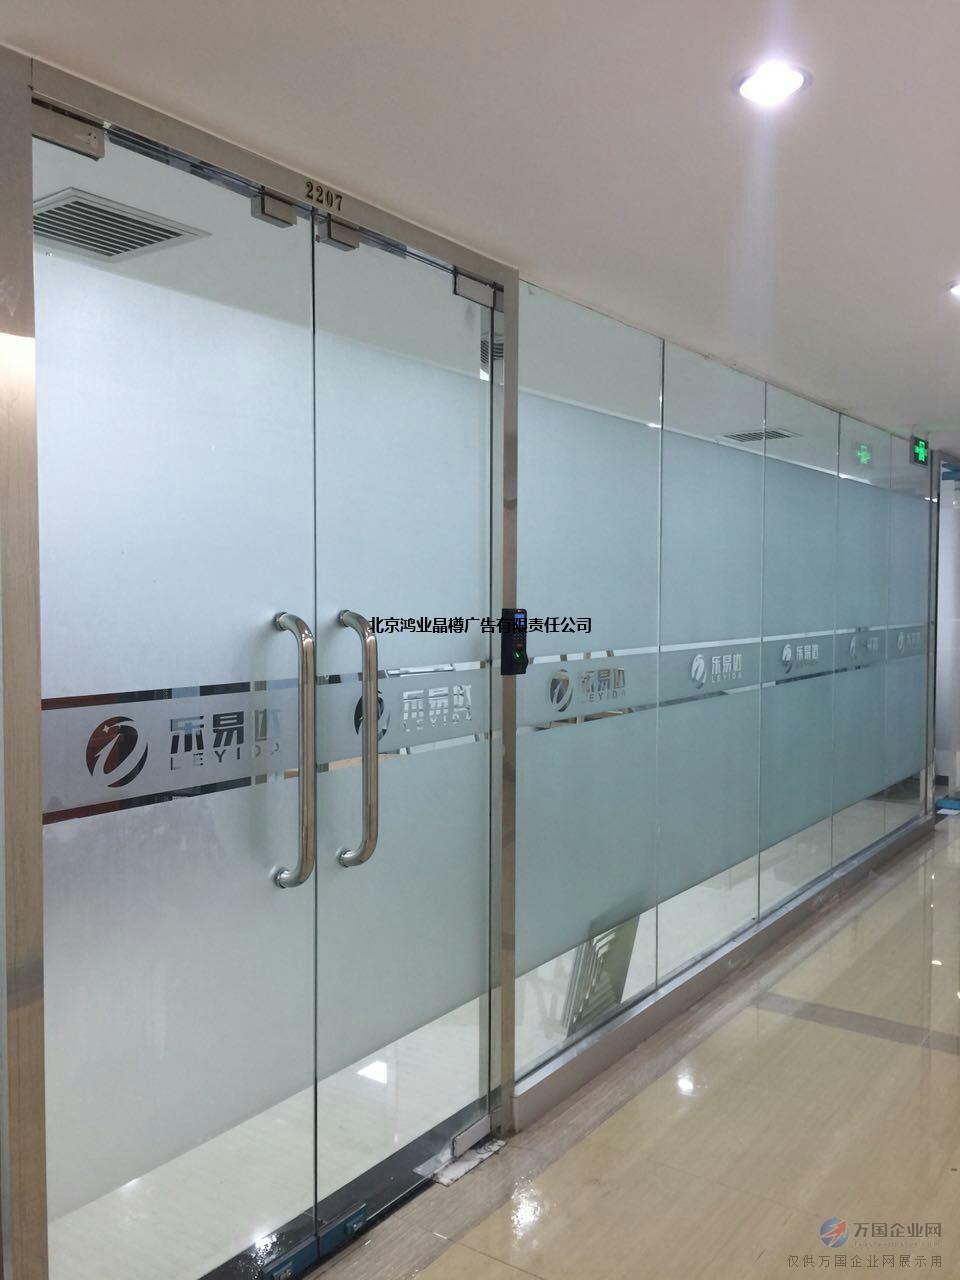 03  特殊/专业广告设计制作 03  公司玻璃贴膜/磨砂贴/腰线防撞条